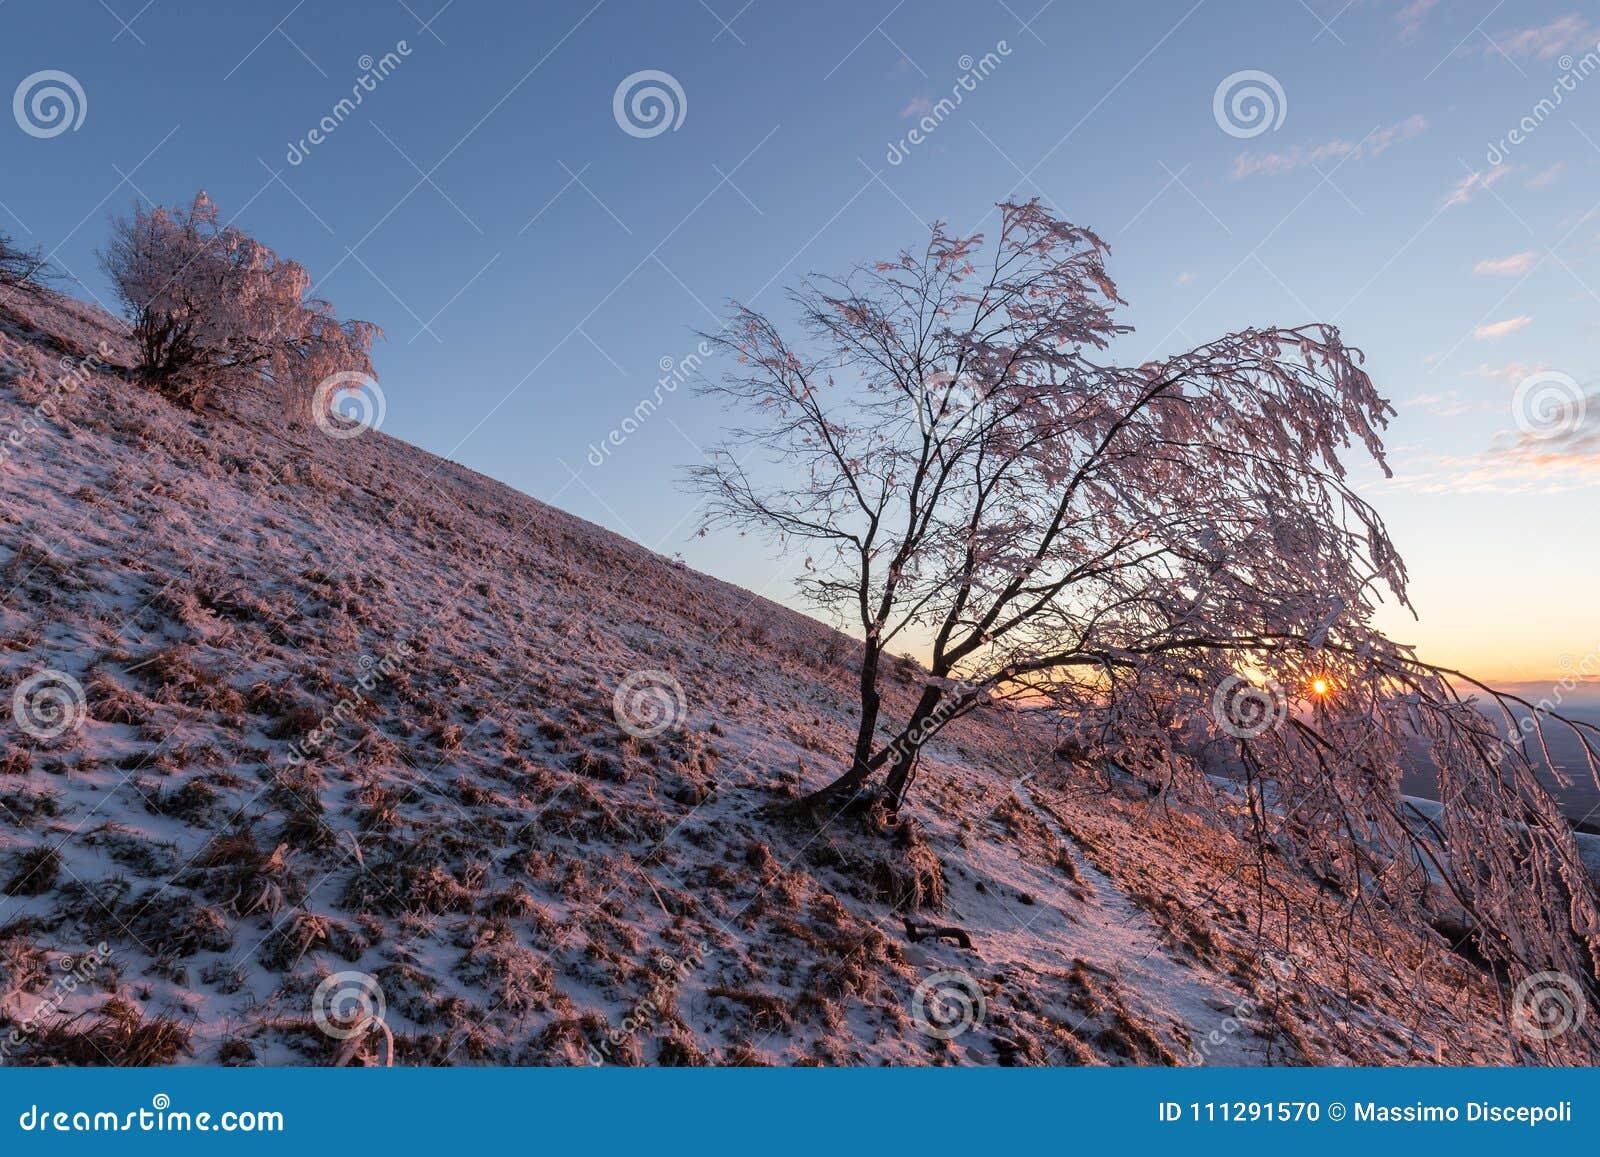 Beau coucher du soleil sur une montagne, avec la neige couvrant la terre, le gel sur les branches des arbres et les réflexions de